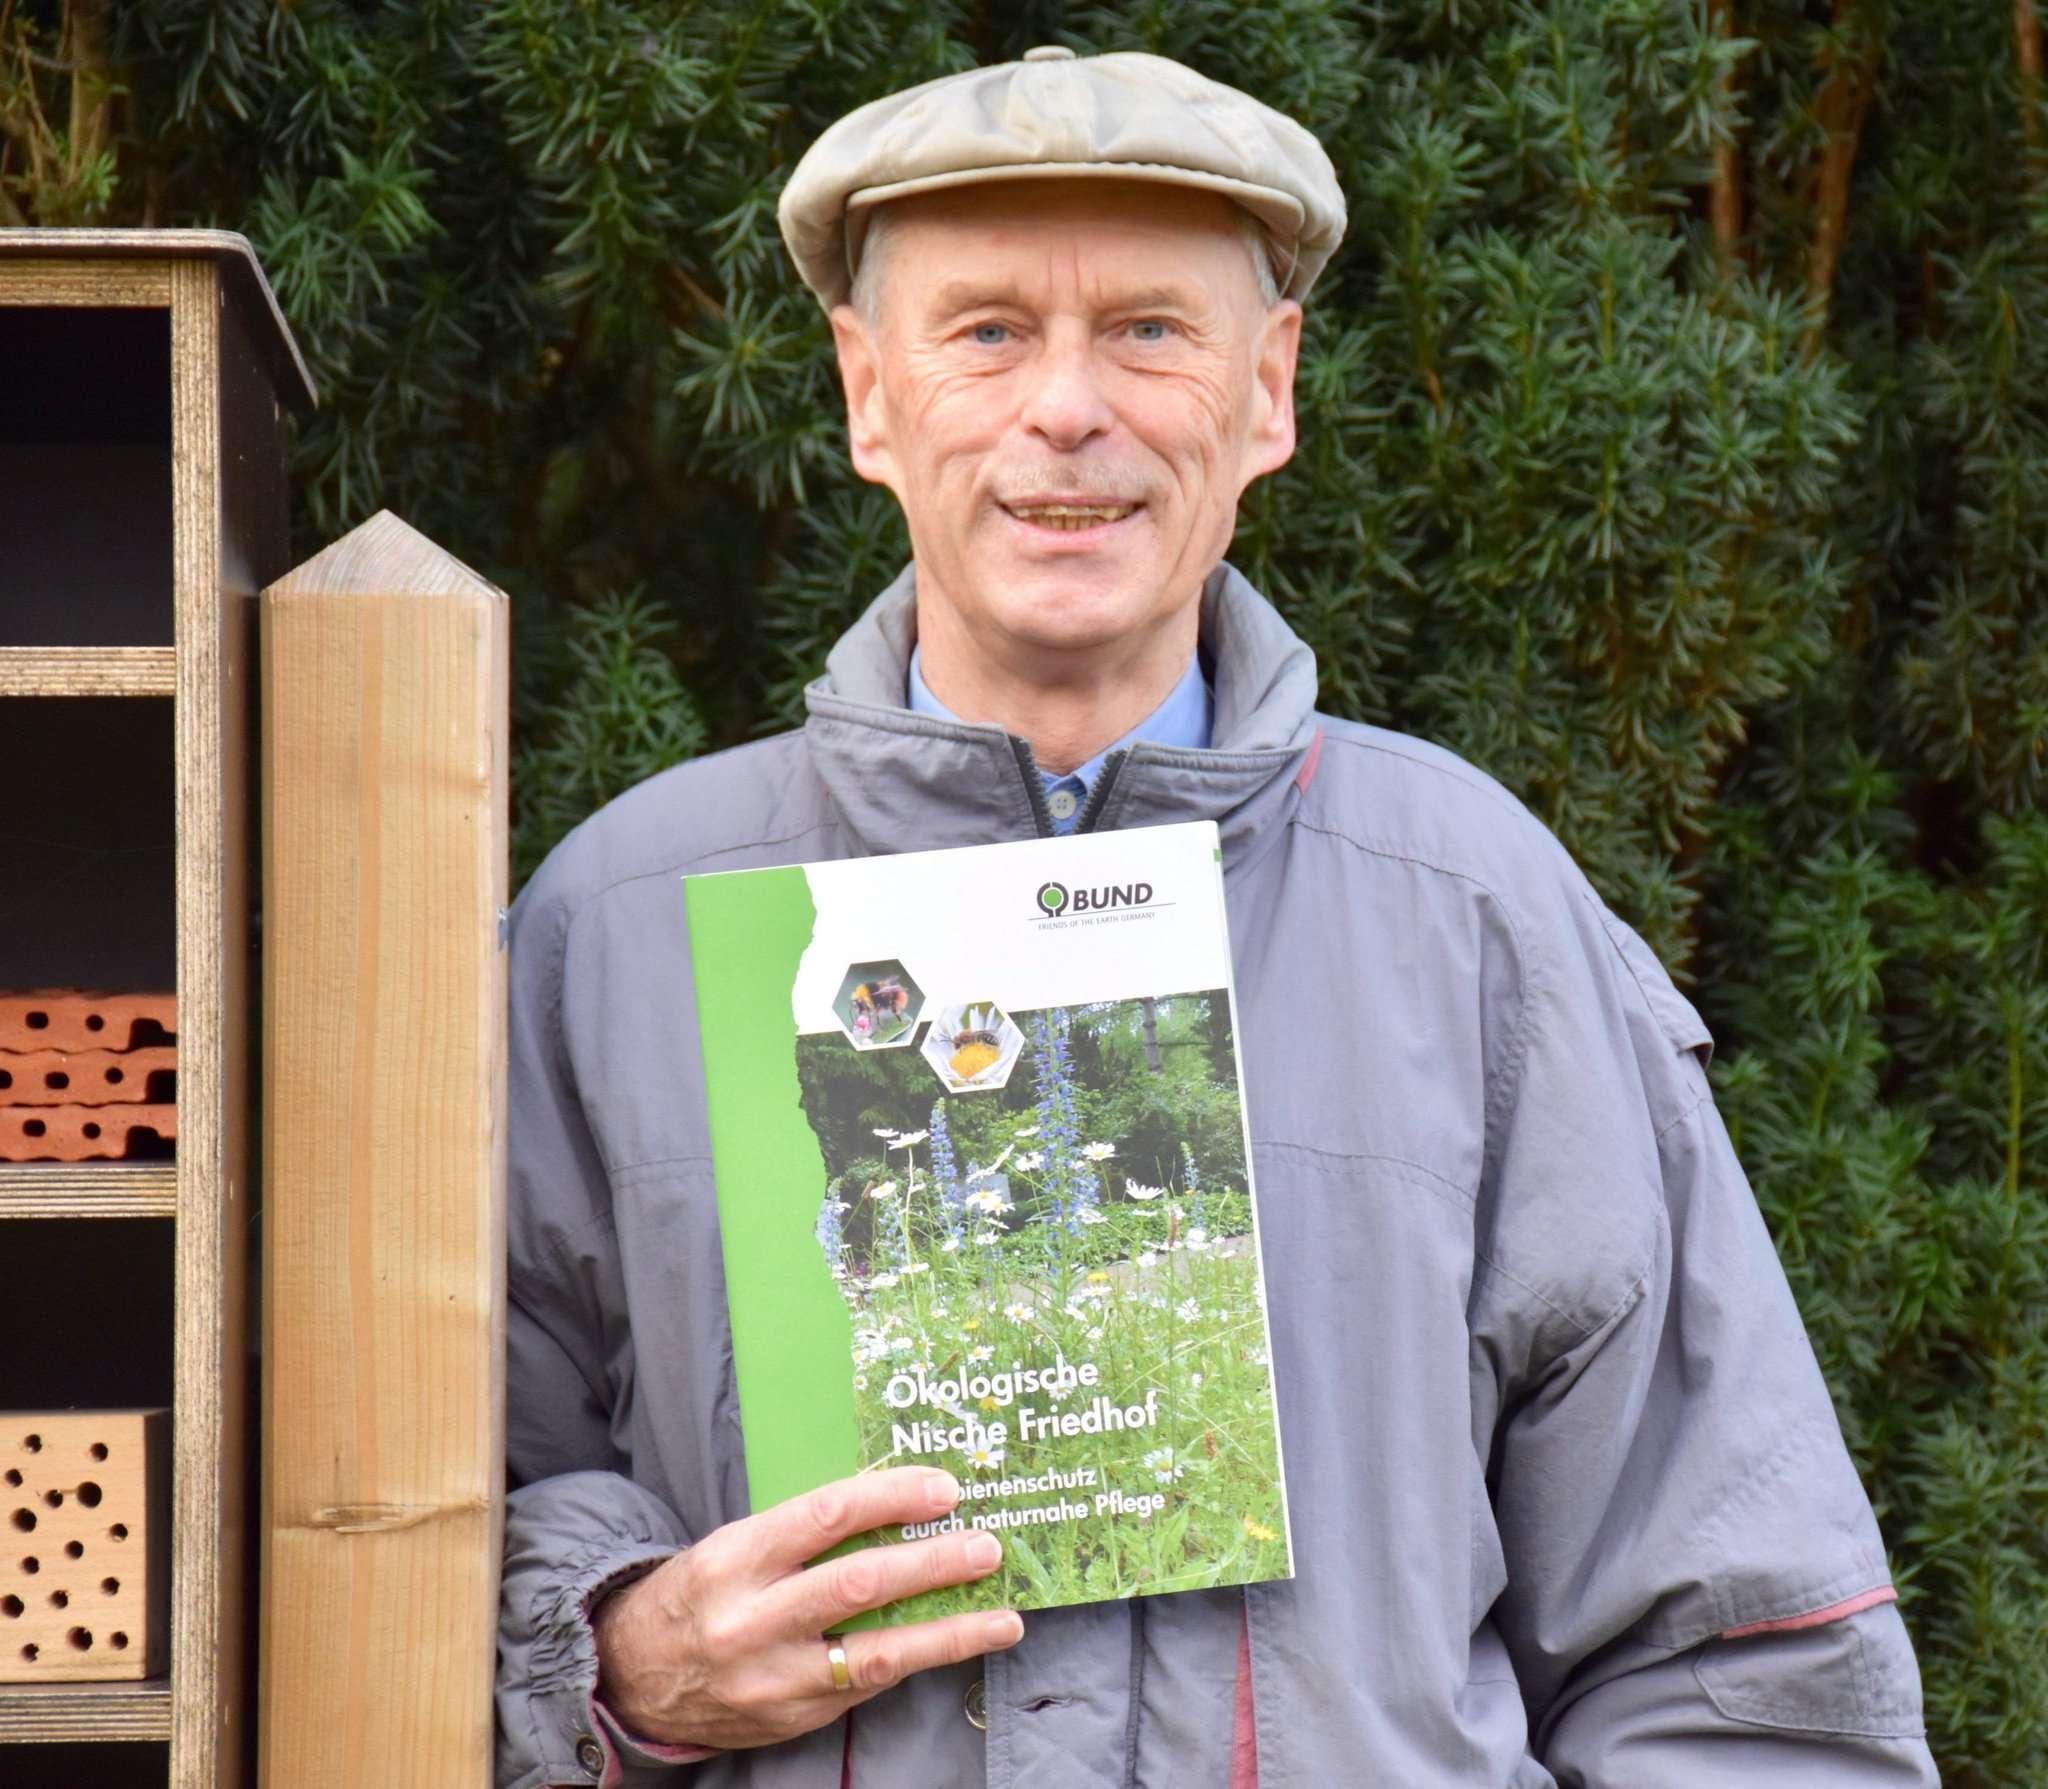 Manfred Radtke zeigt die Nisthilfe und die entsprechende Broschüre des BUND.